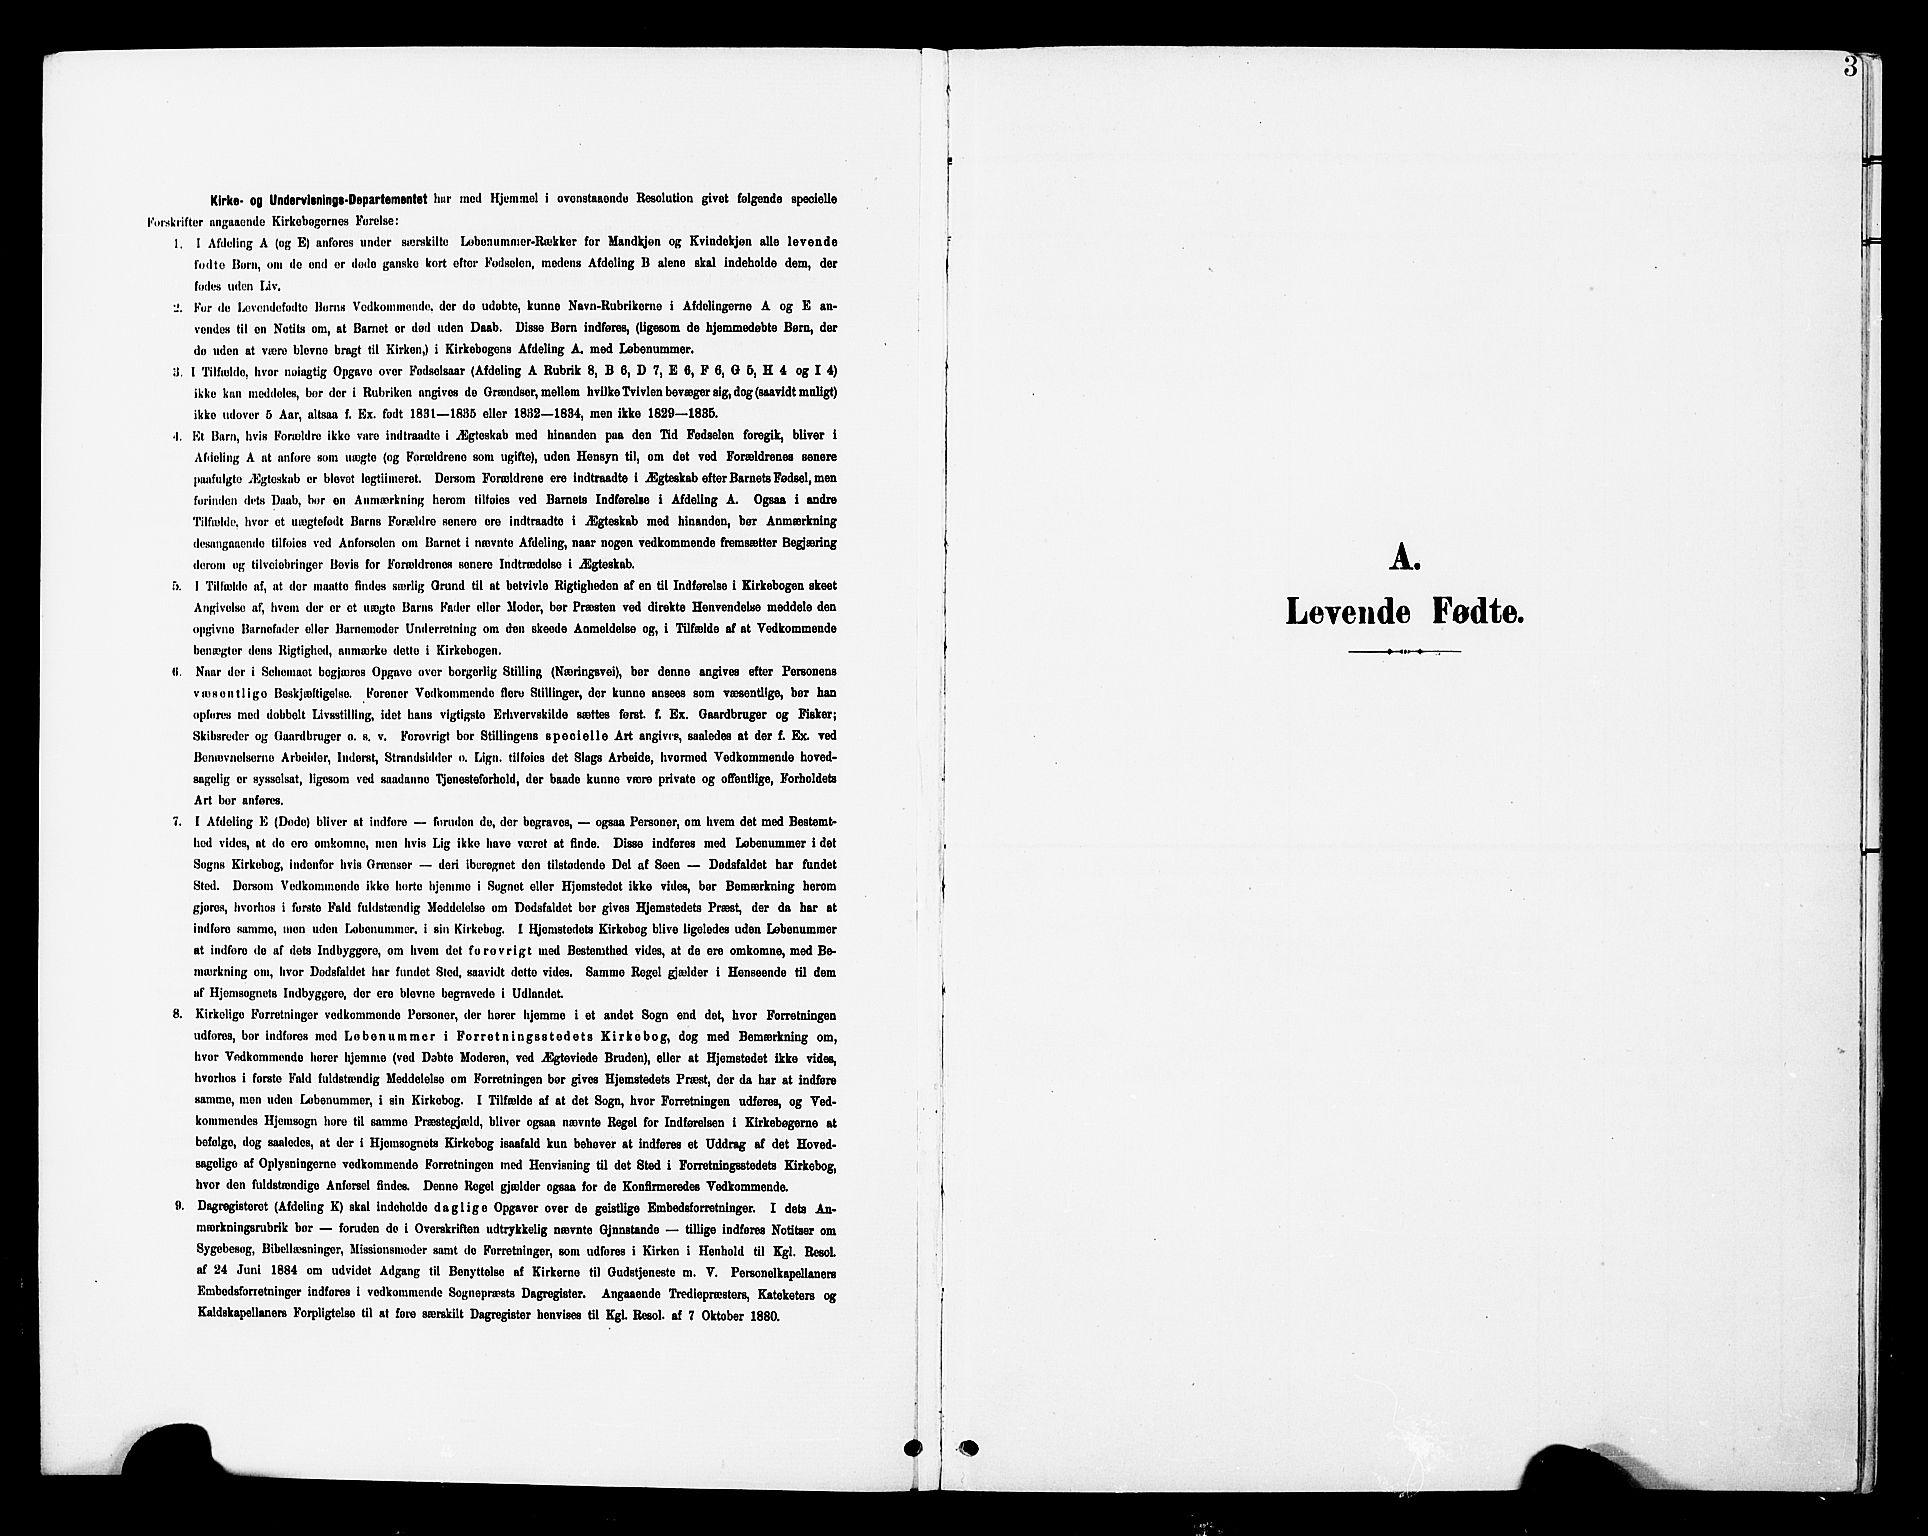 SAT, Ministerialprotokoller, klokkerbøker og fødselsregistre - Nord-Trøndelag, 748/L0464: Ministerialbok nr. 748A01, 1900-1908, s. 3